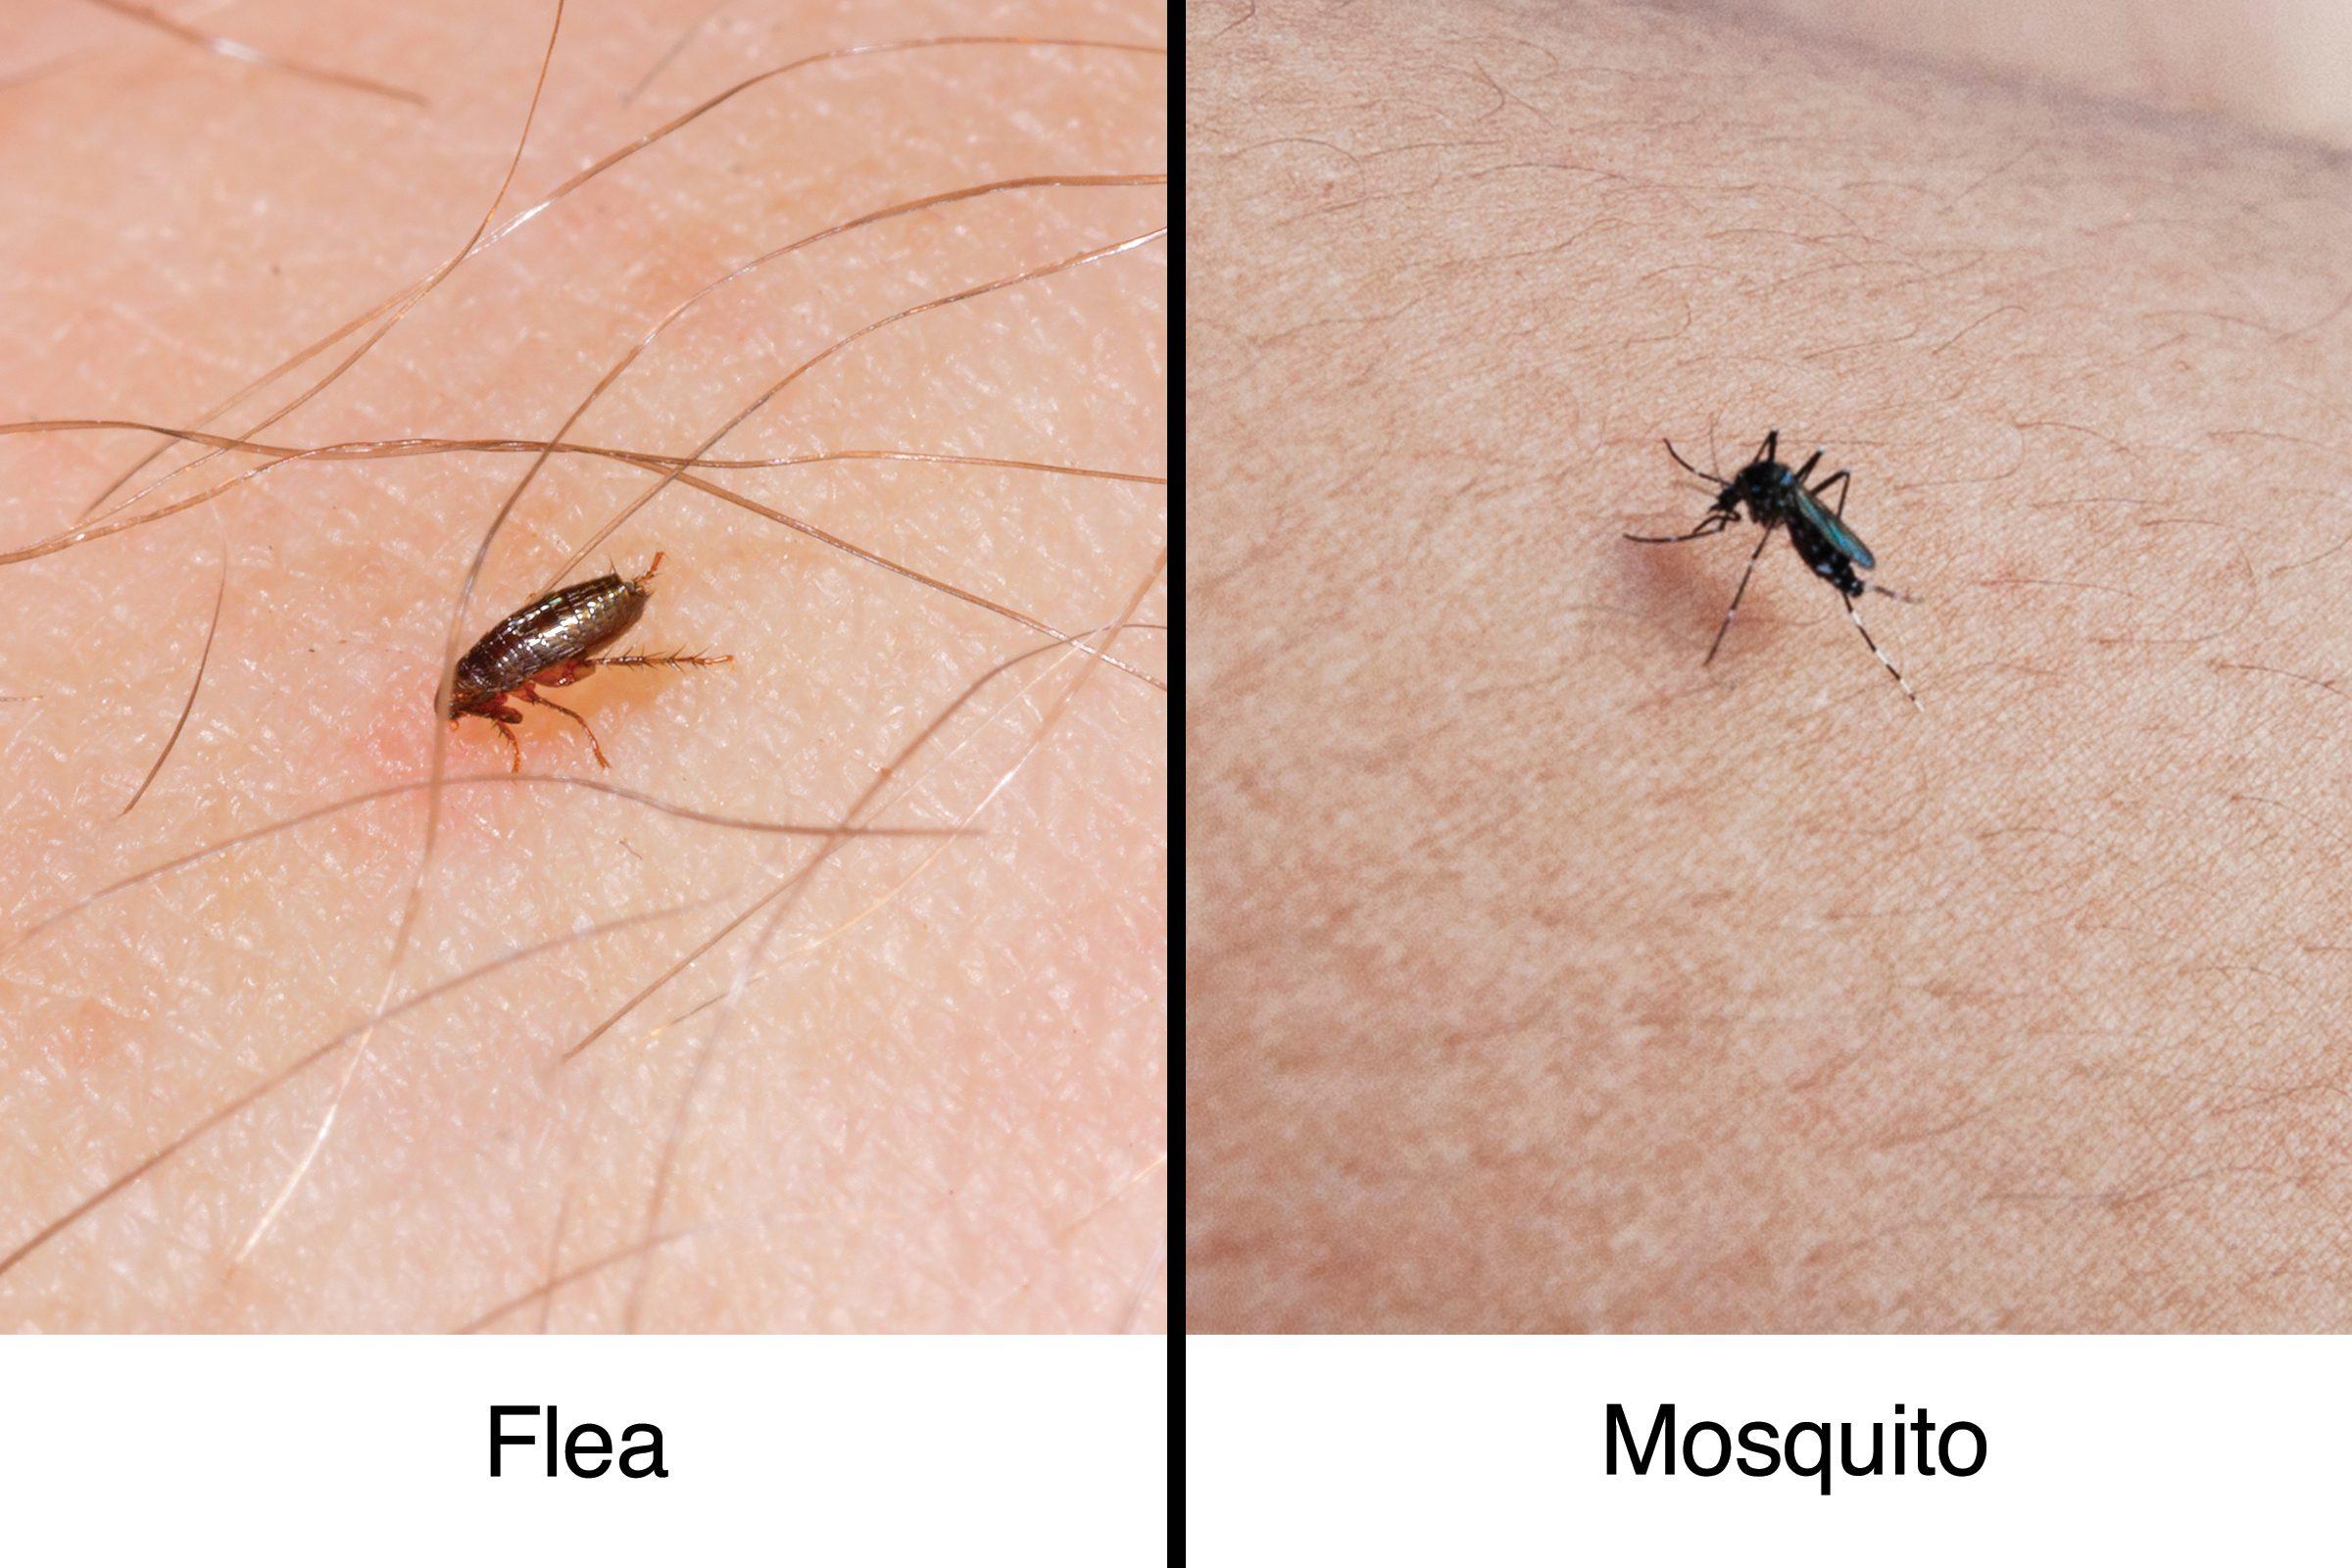 flea vs mosquito